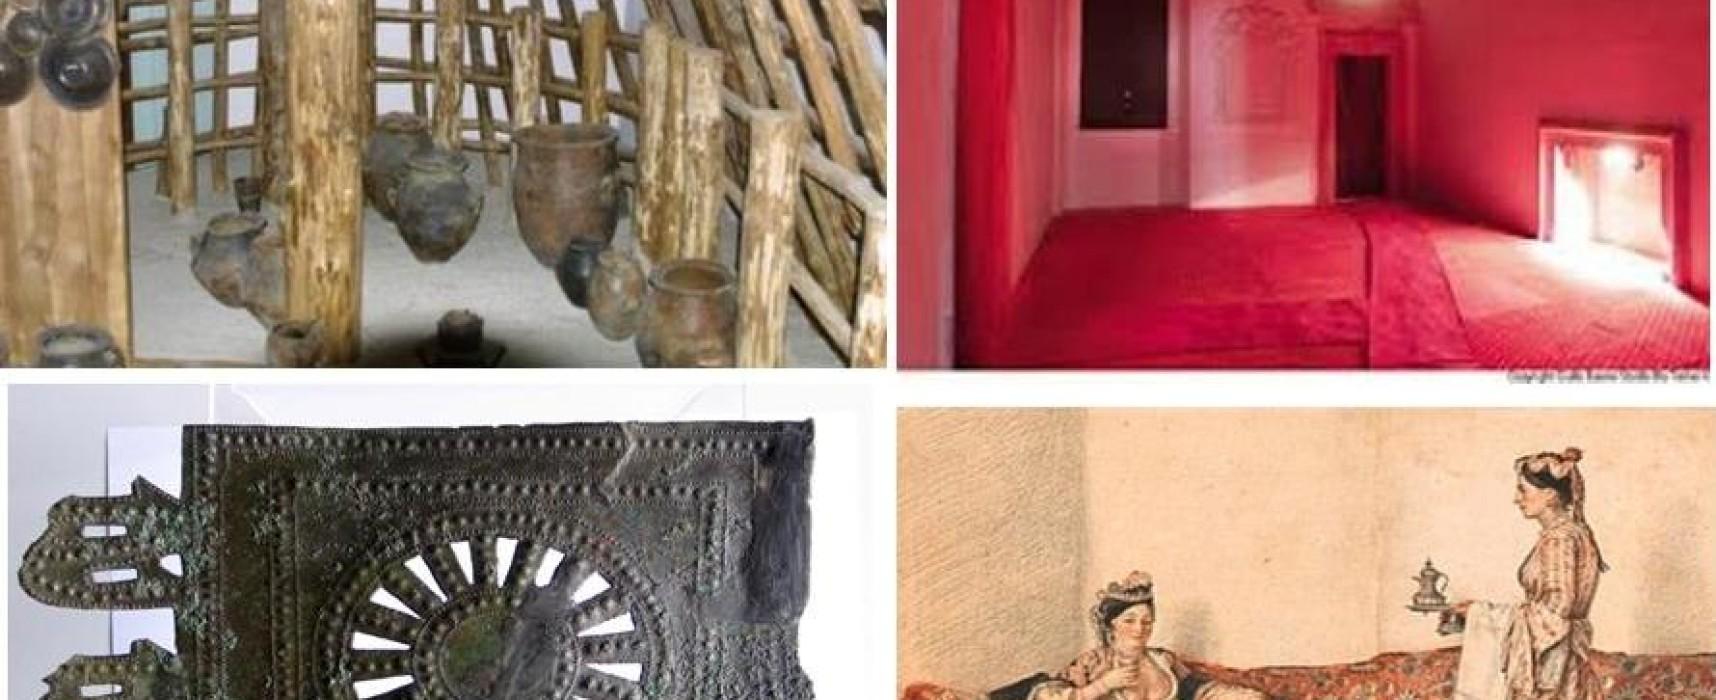 Ferragosto Museo con l'Arte, tutti i siti aperti